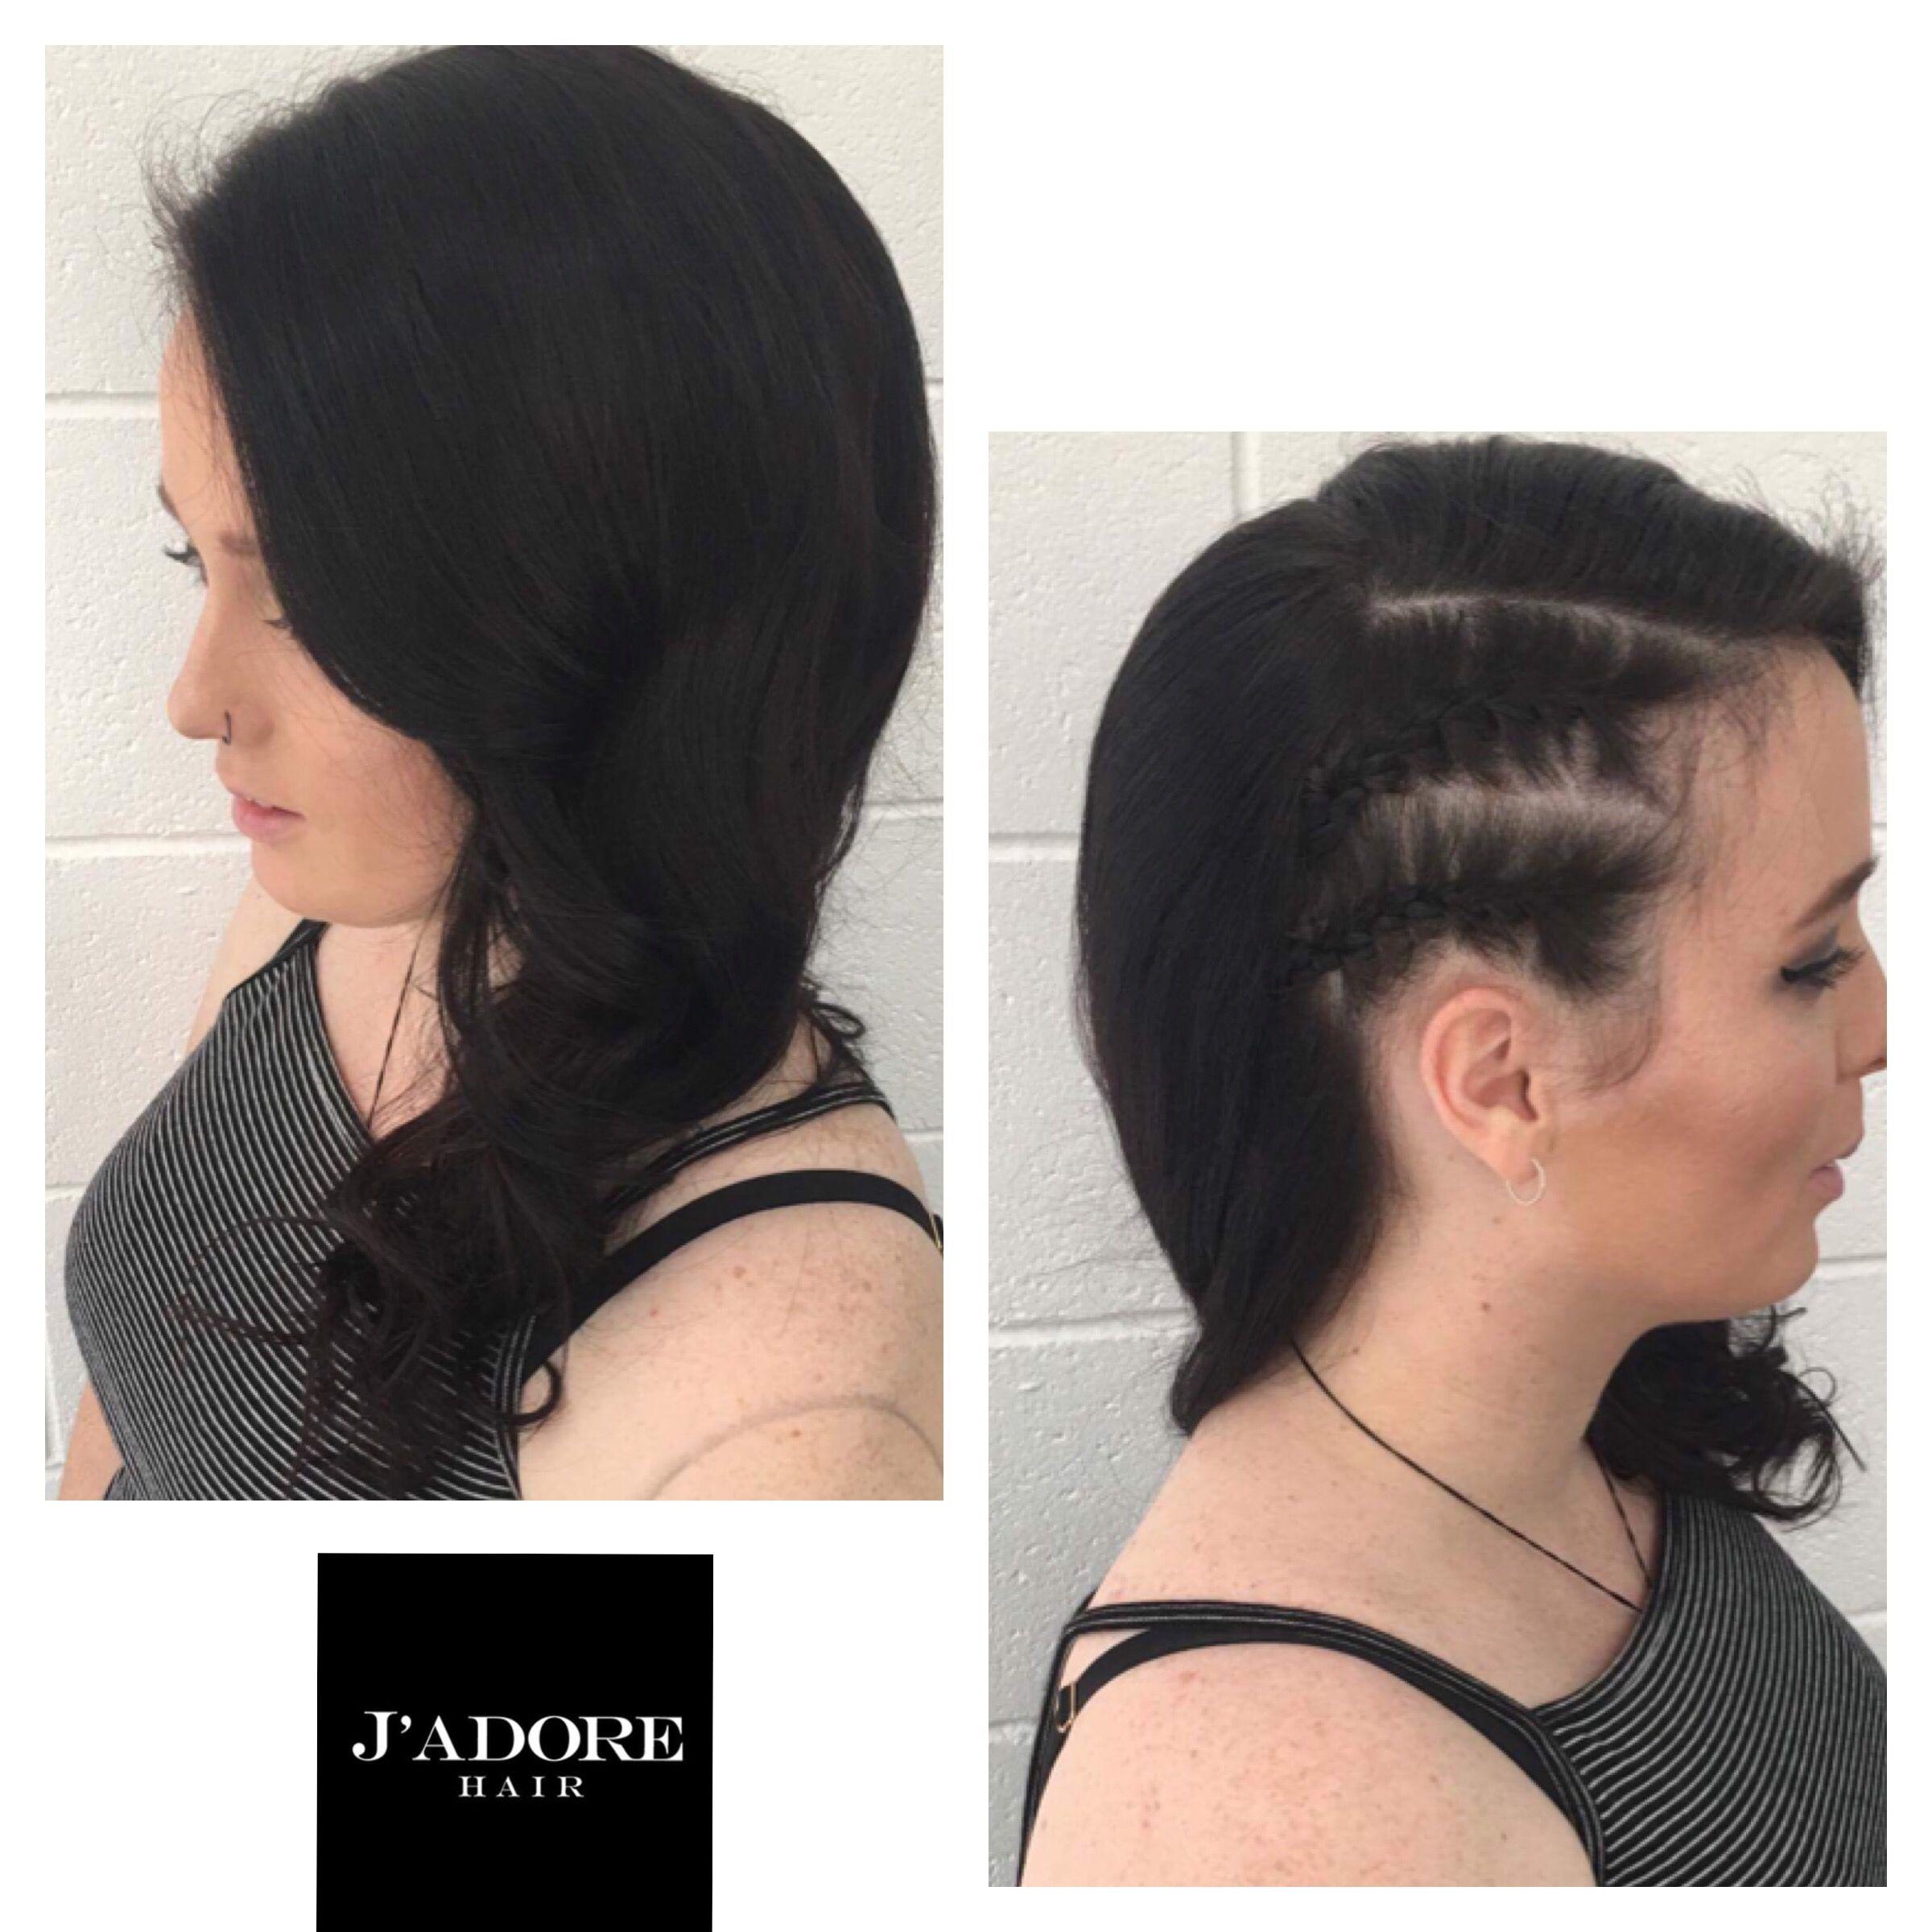 Hair braids hair braiding hair inspo cleveland qld braids